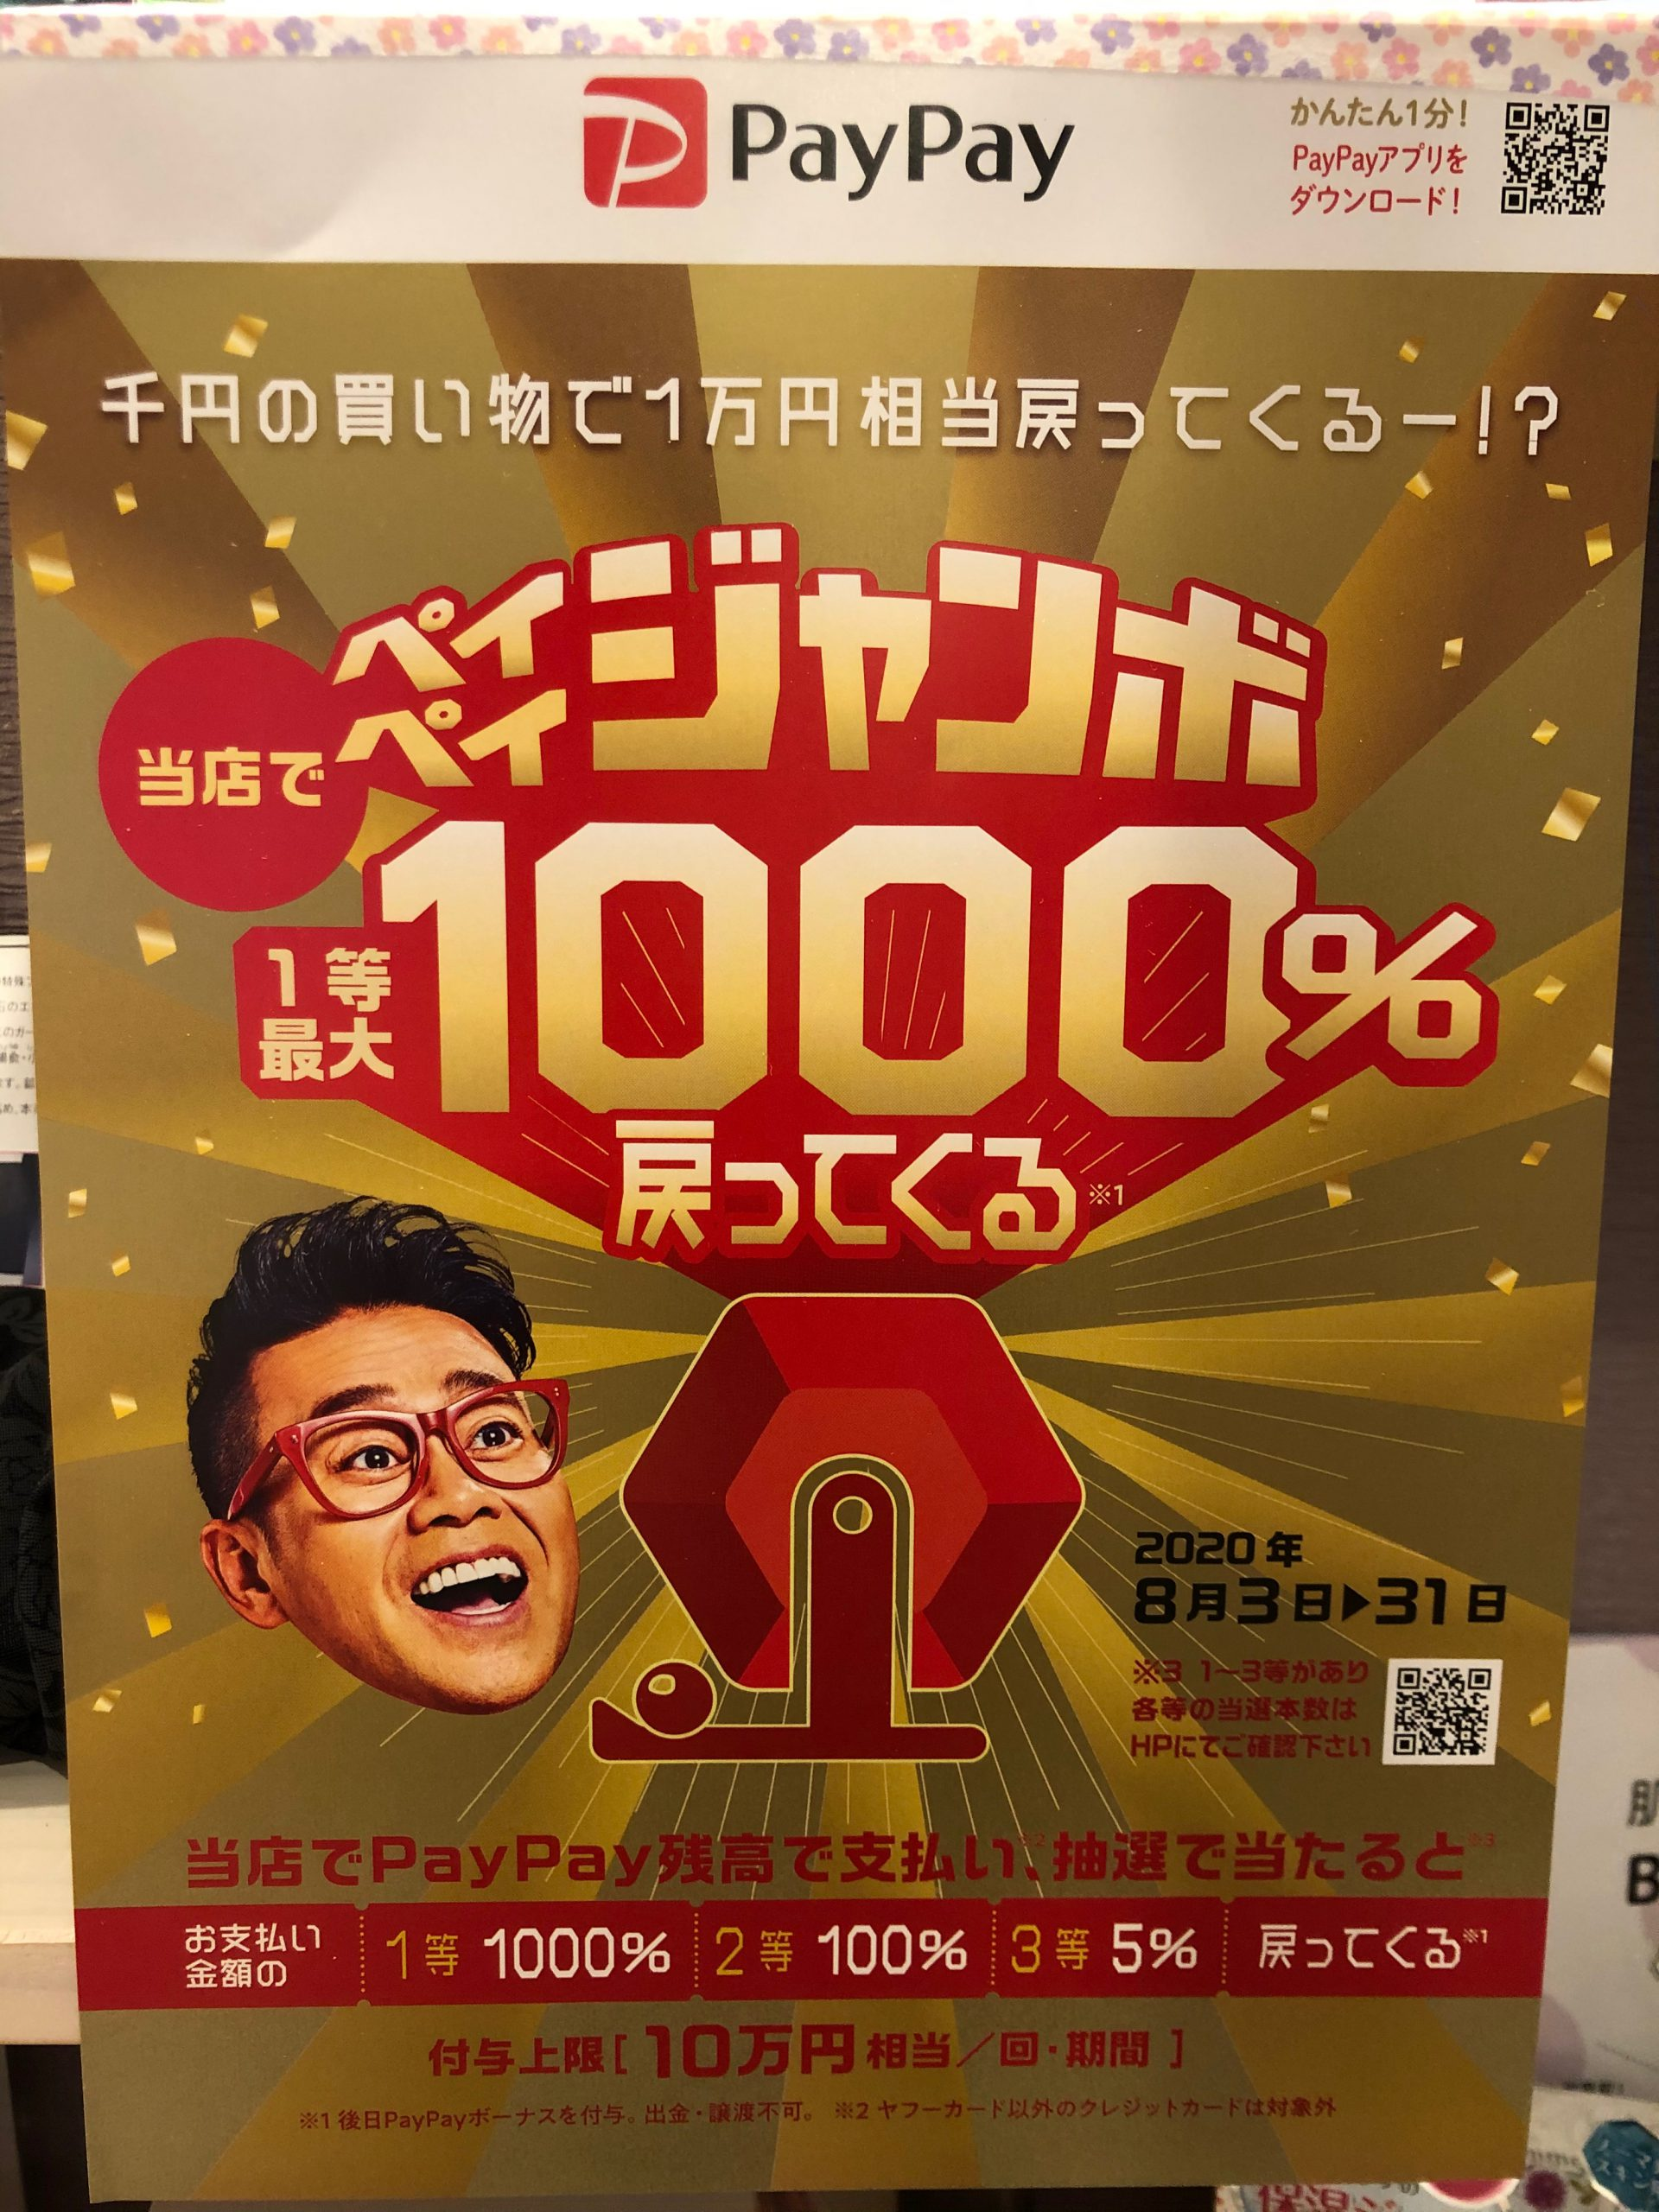 ジャンボ paypay PayPay、8月に2つのペイペイジャンボを開催 最大2,000%還元も